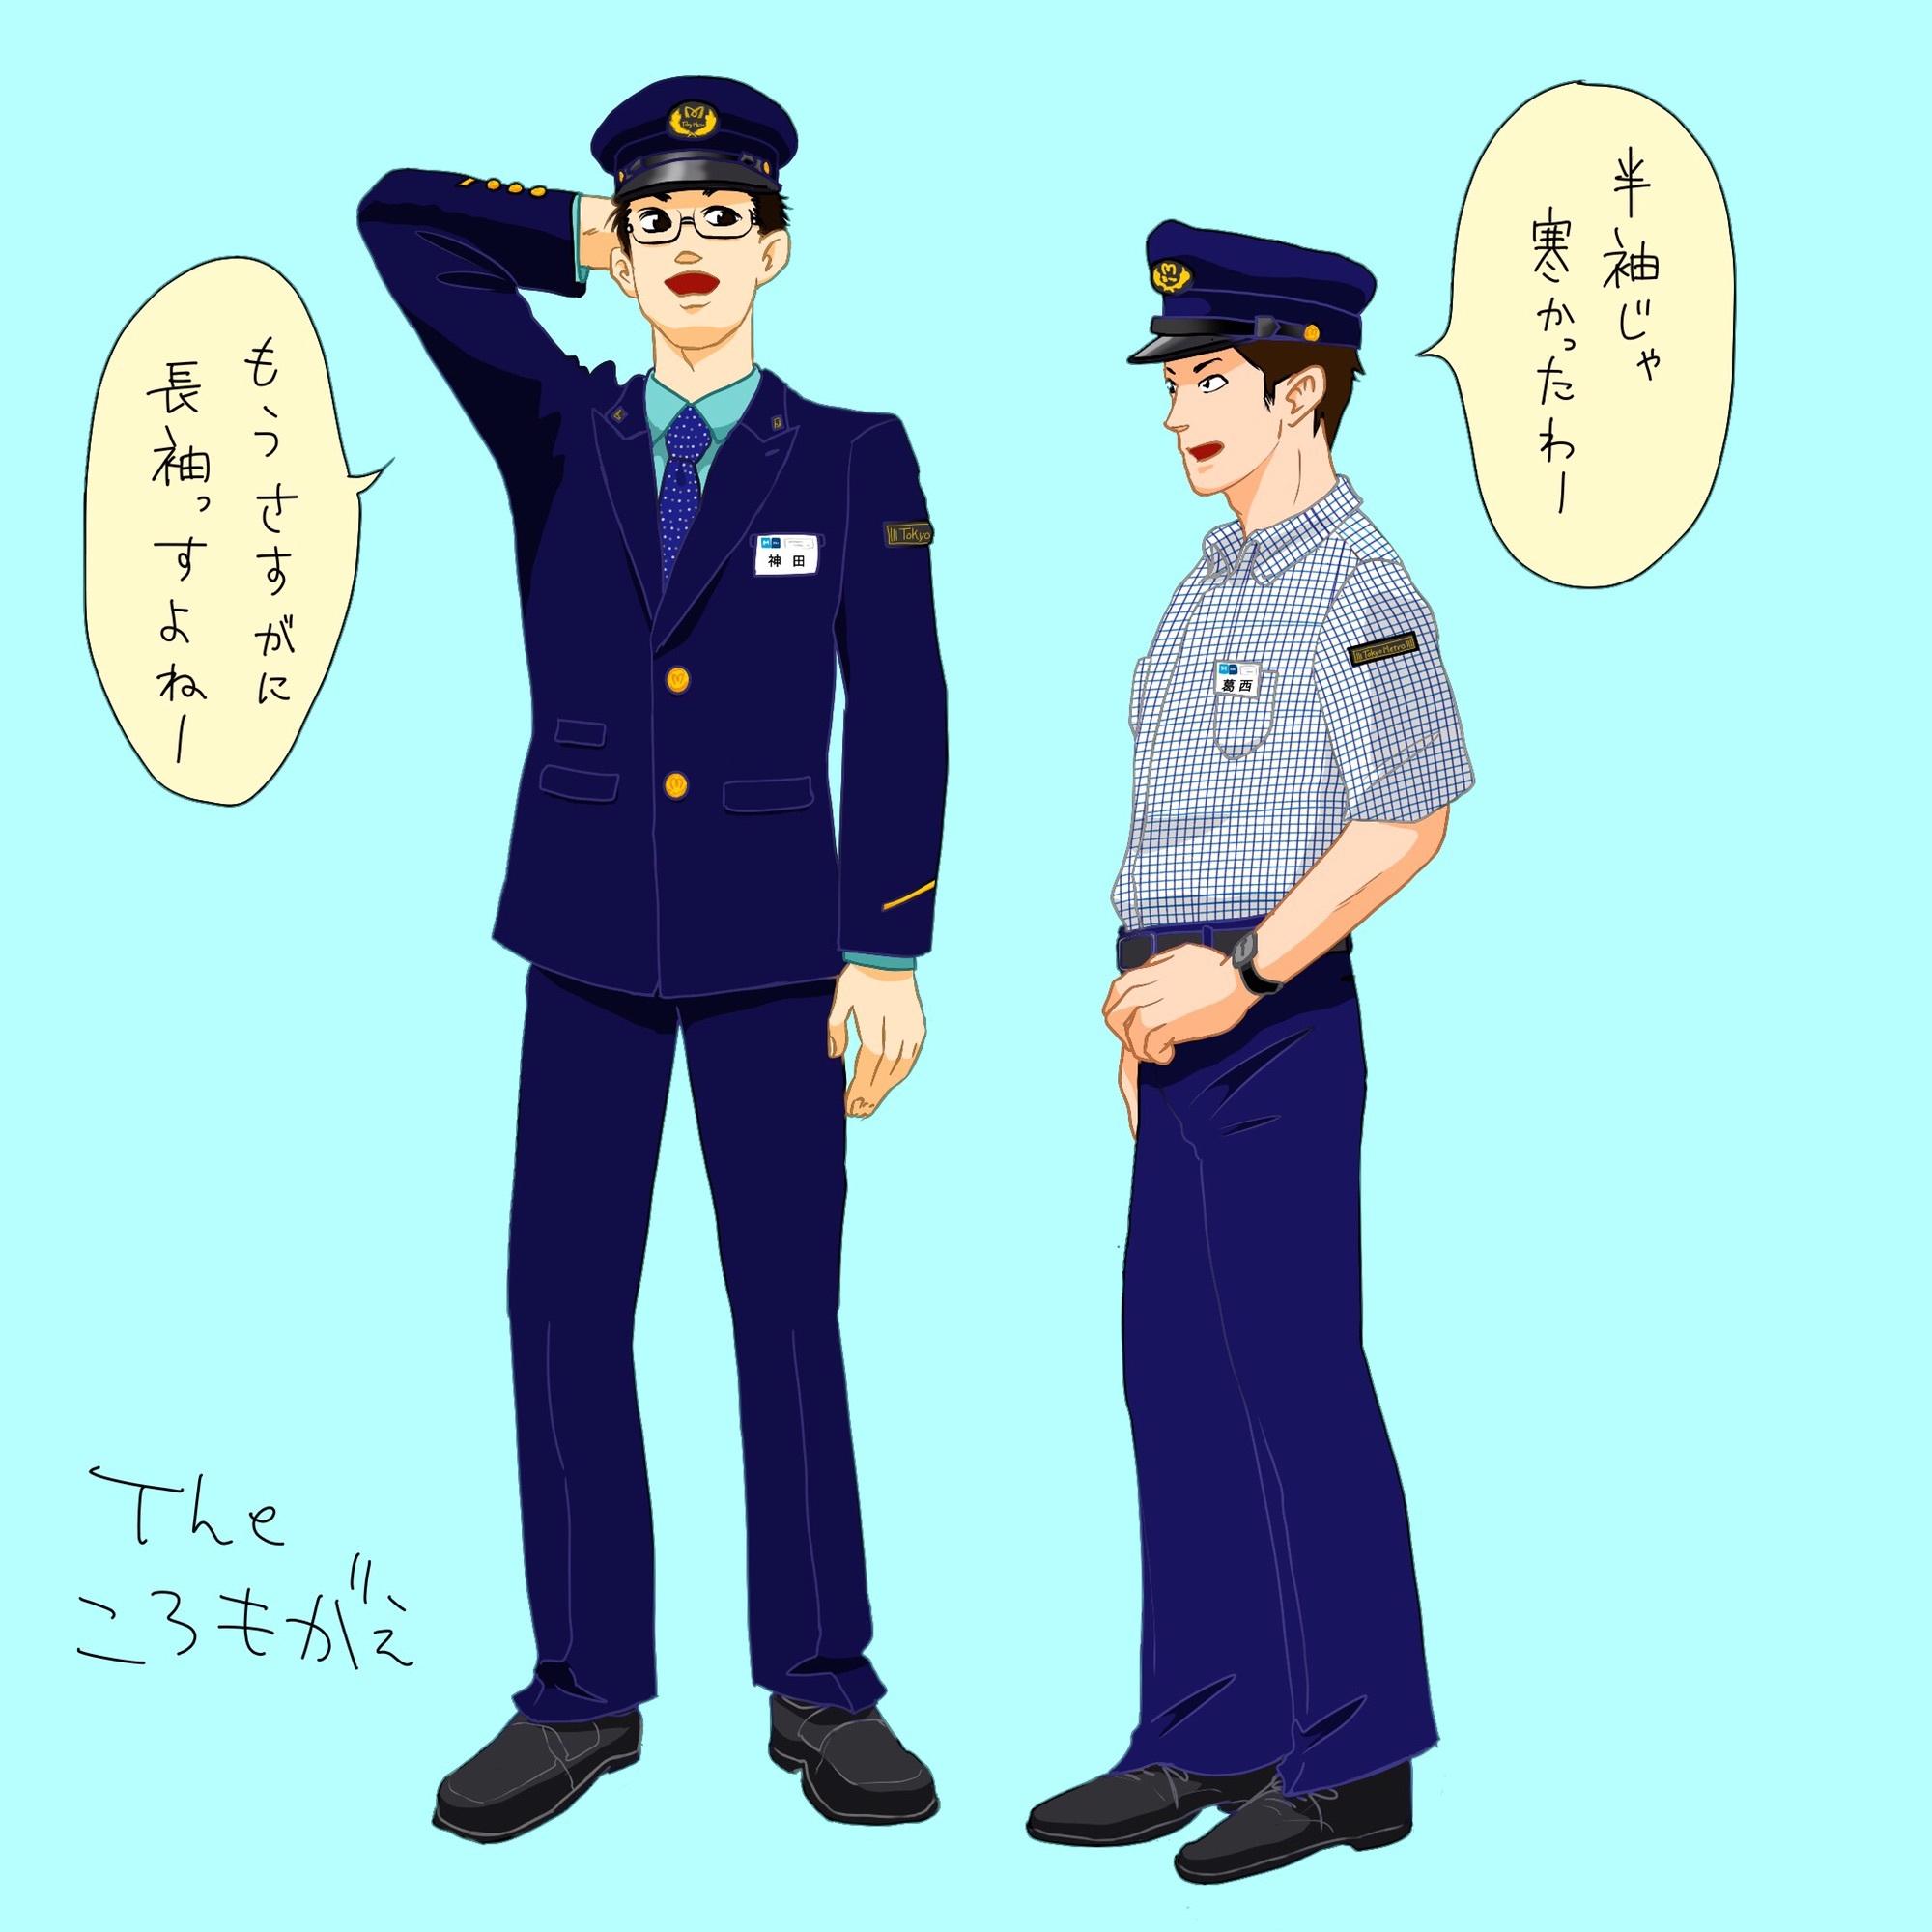 制服 東京 メトロ